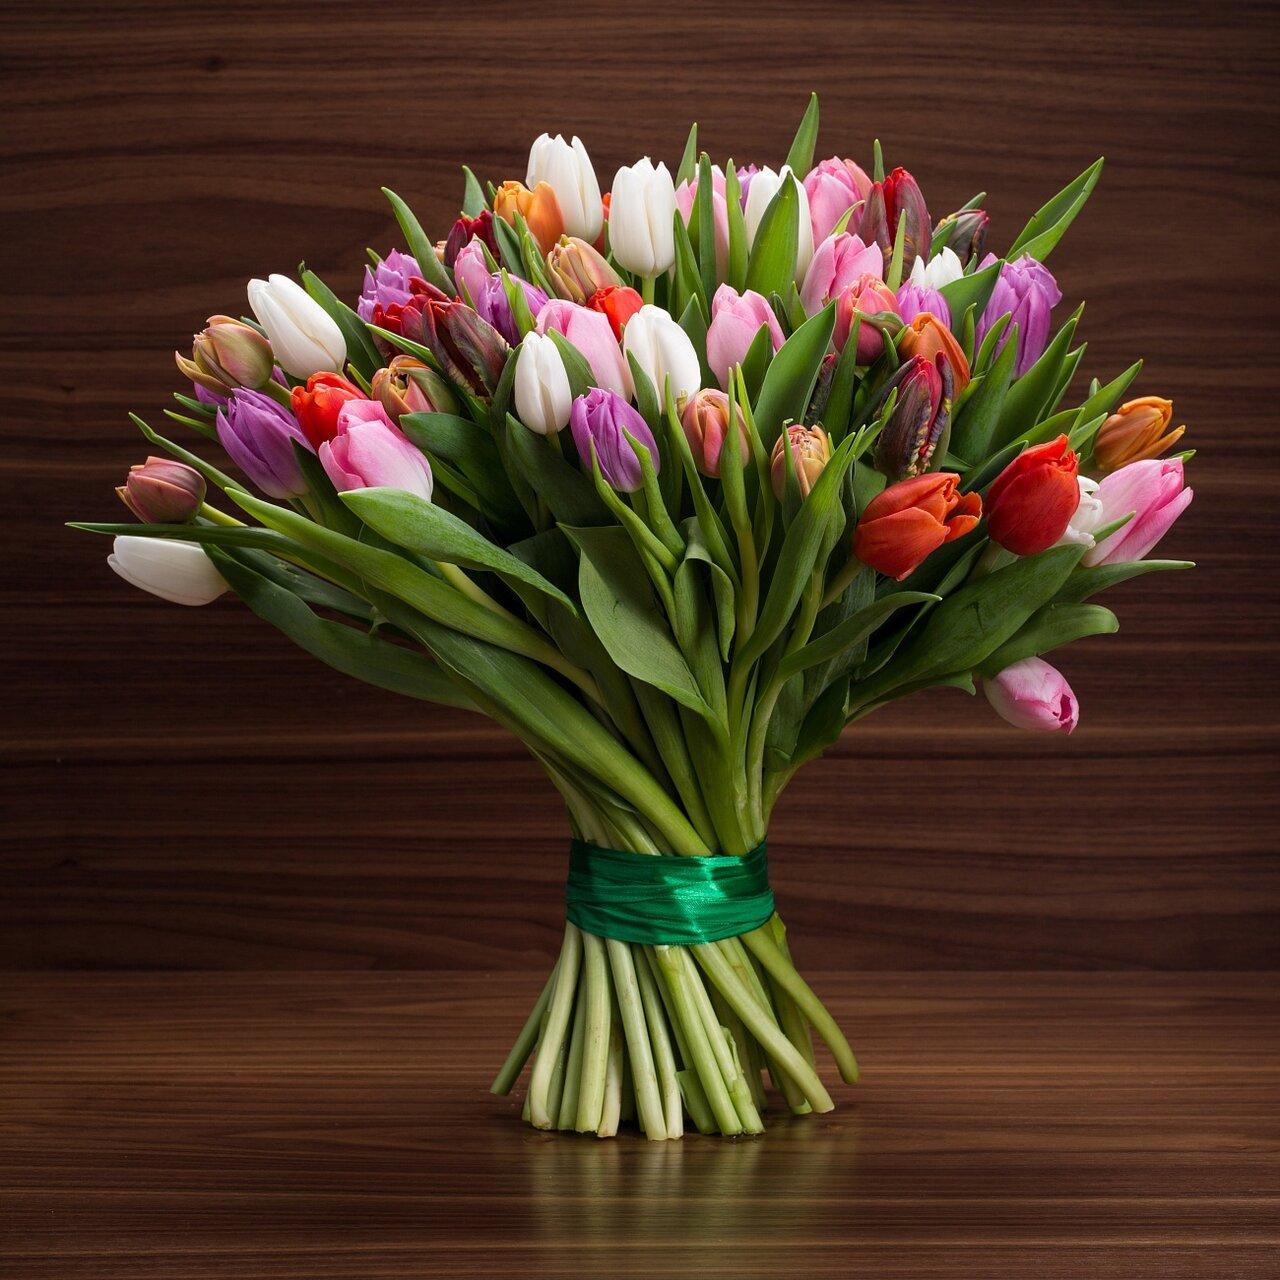 часто цветы букеты красивые из тюльпанов картинки канацеи, середина